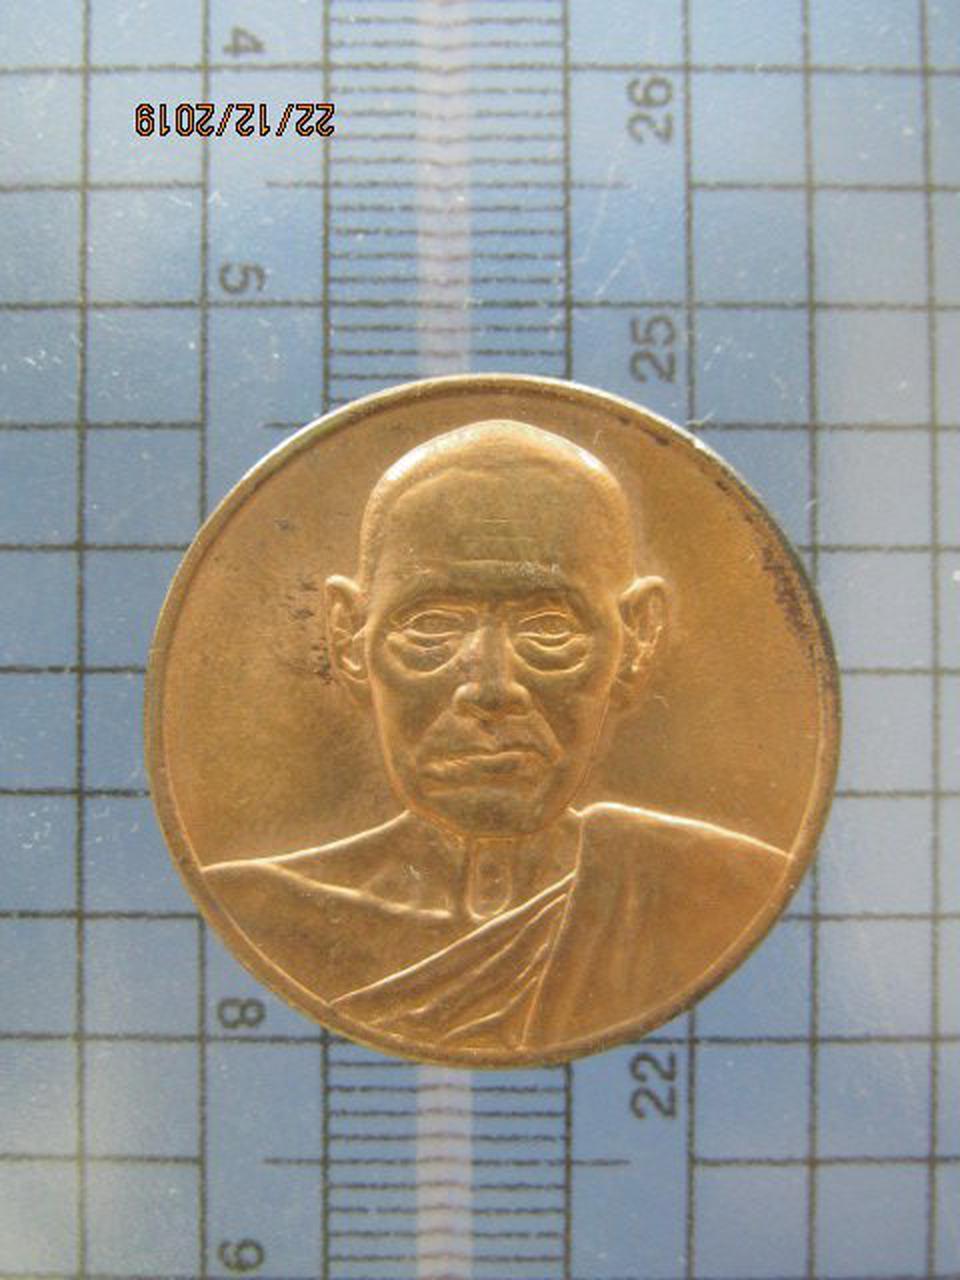 5375 เหรียญสมเด็จพุฒาจารย์โต รุ่น122 ปี วัดระฆังโฆสิตาราม ปี 2537 พิมพ์ใหญ่ กทม. รูปที่ 2